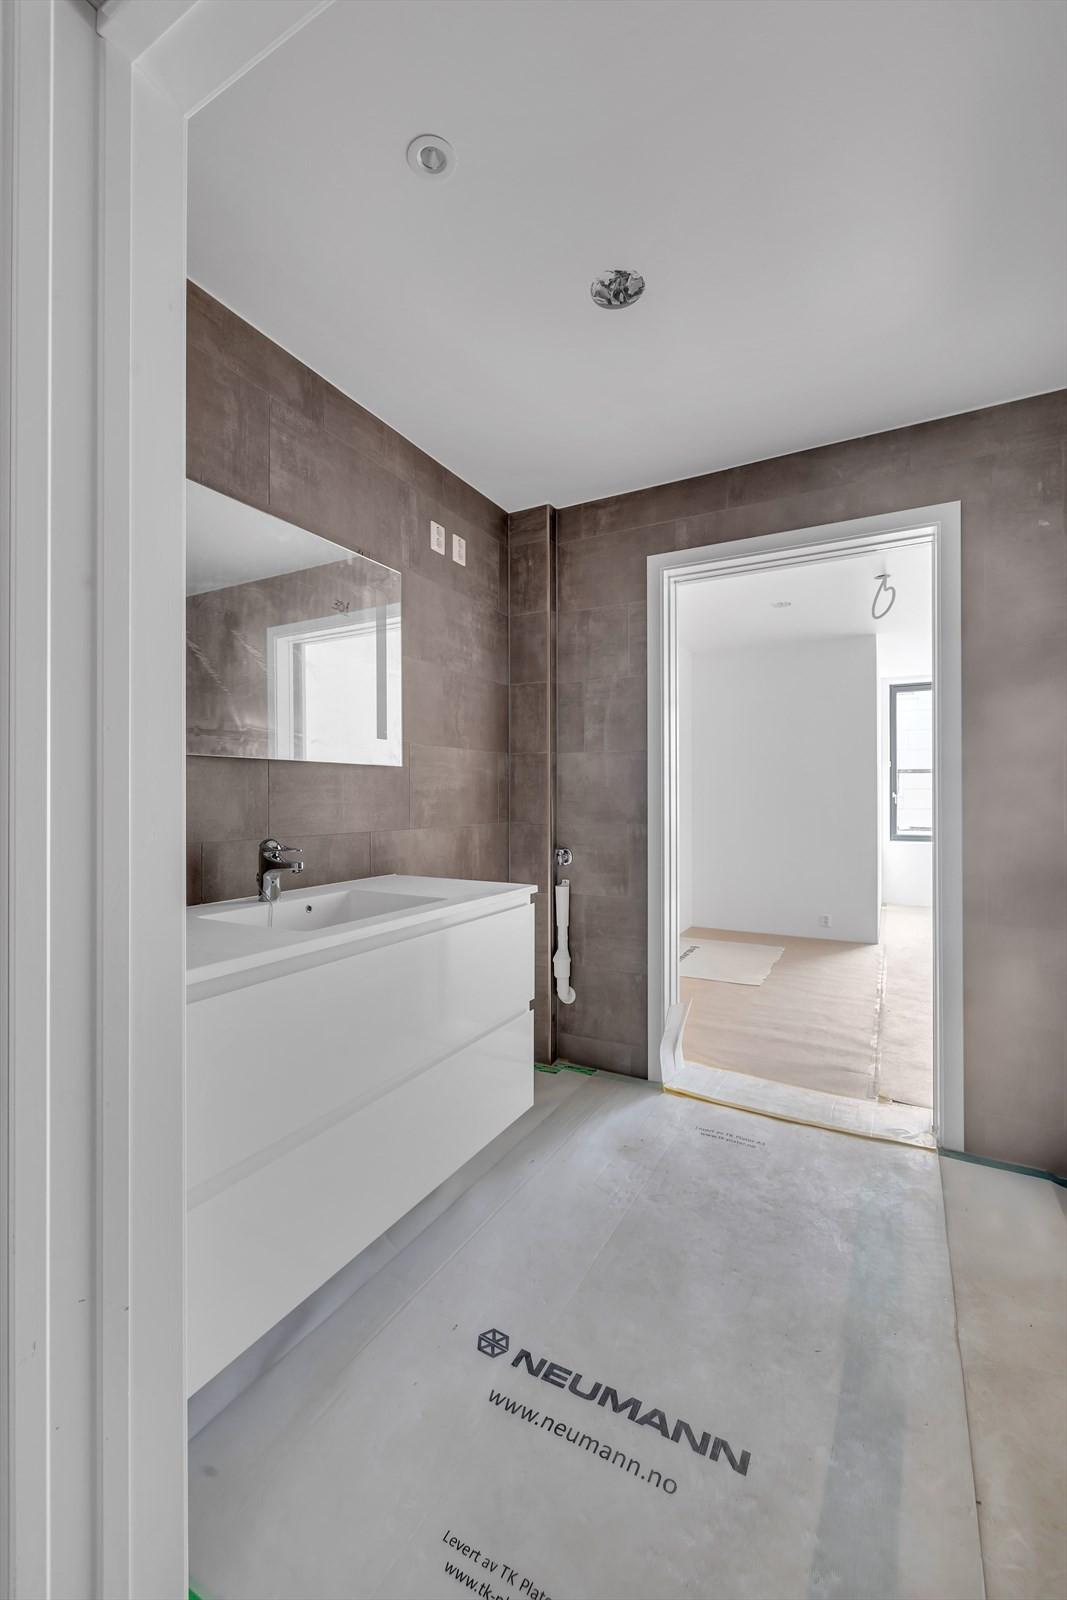 Baderom med delikate fliser, vegghengt toalett, vask med hvitt underskap, speil med lys, dusj med sammen foldbare glassdører. Veggfliser i 60*40, gulvfliser, Gulvfliser i 60*60, i dusjnisje fliser i 10*10, Bad med direkte adkomst til hovedsoverom